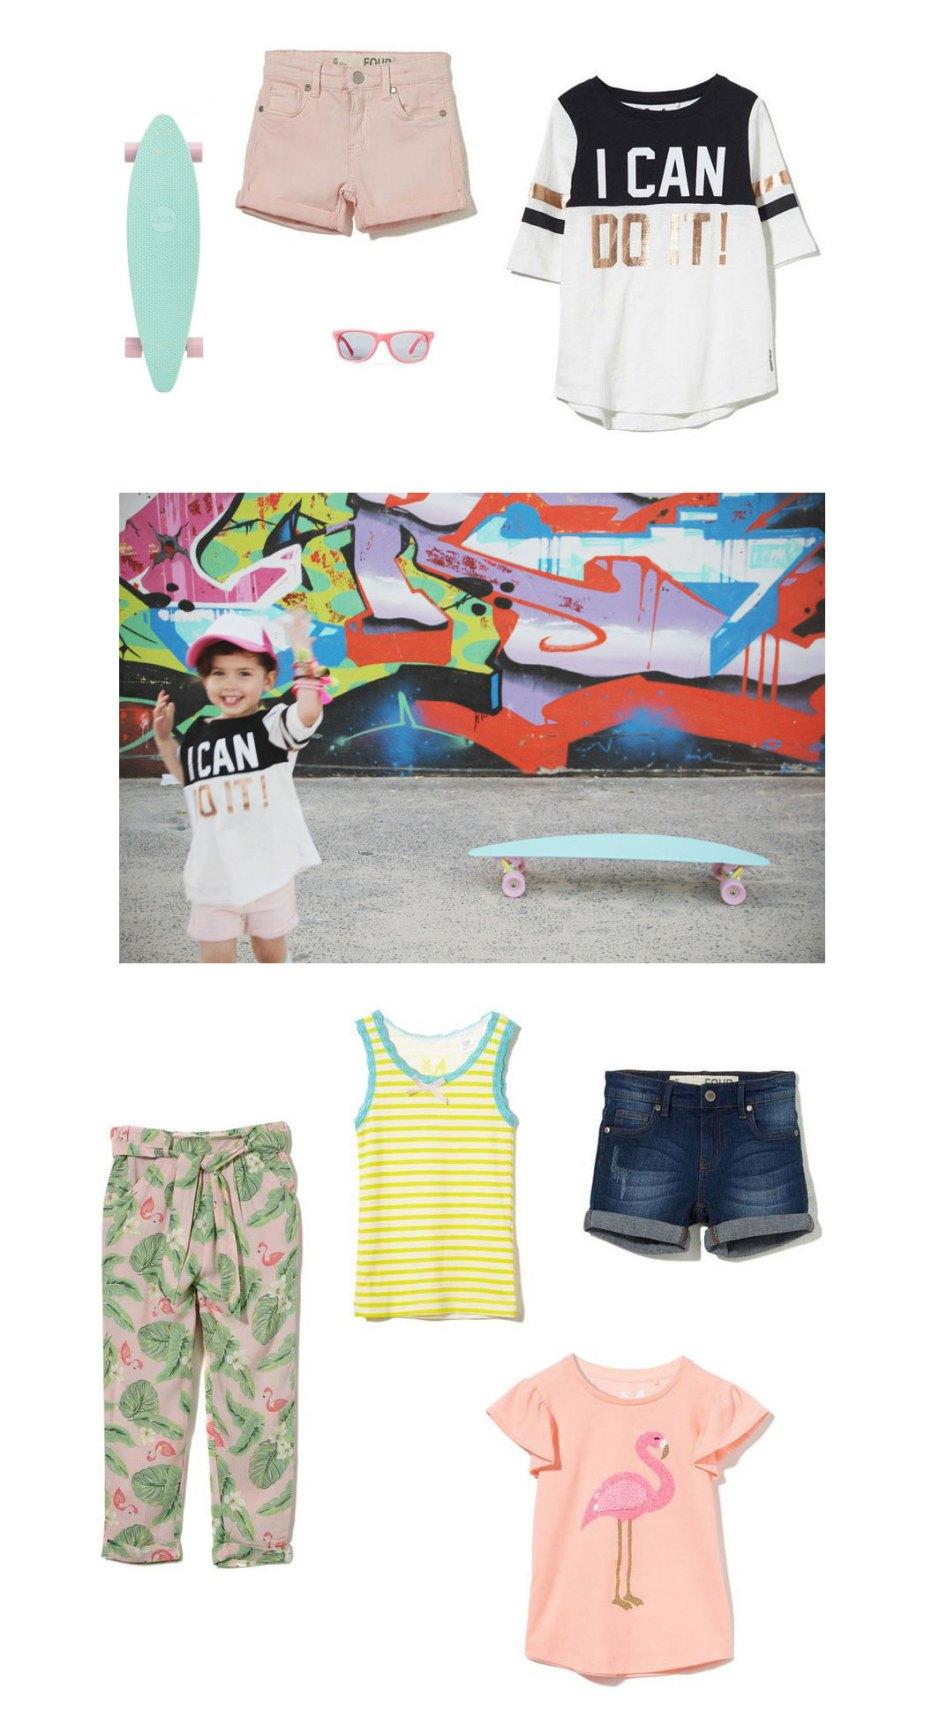 Shop the Spring Skateboard Story at childmagsblog.com